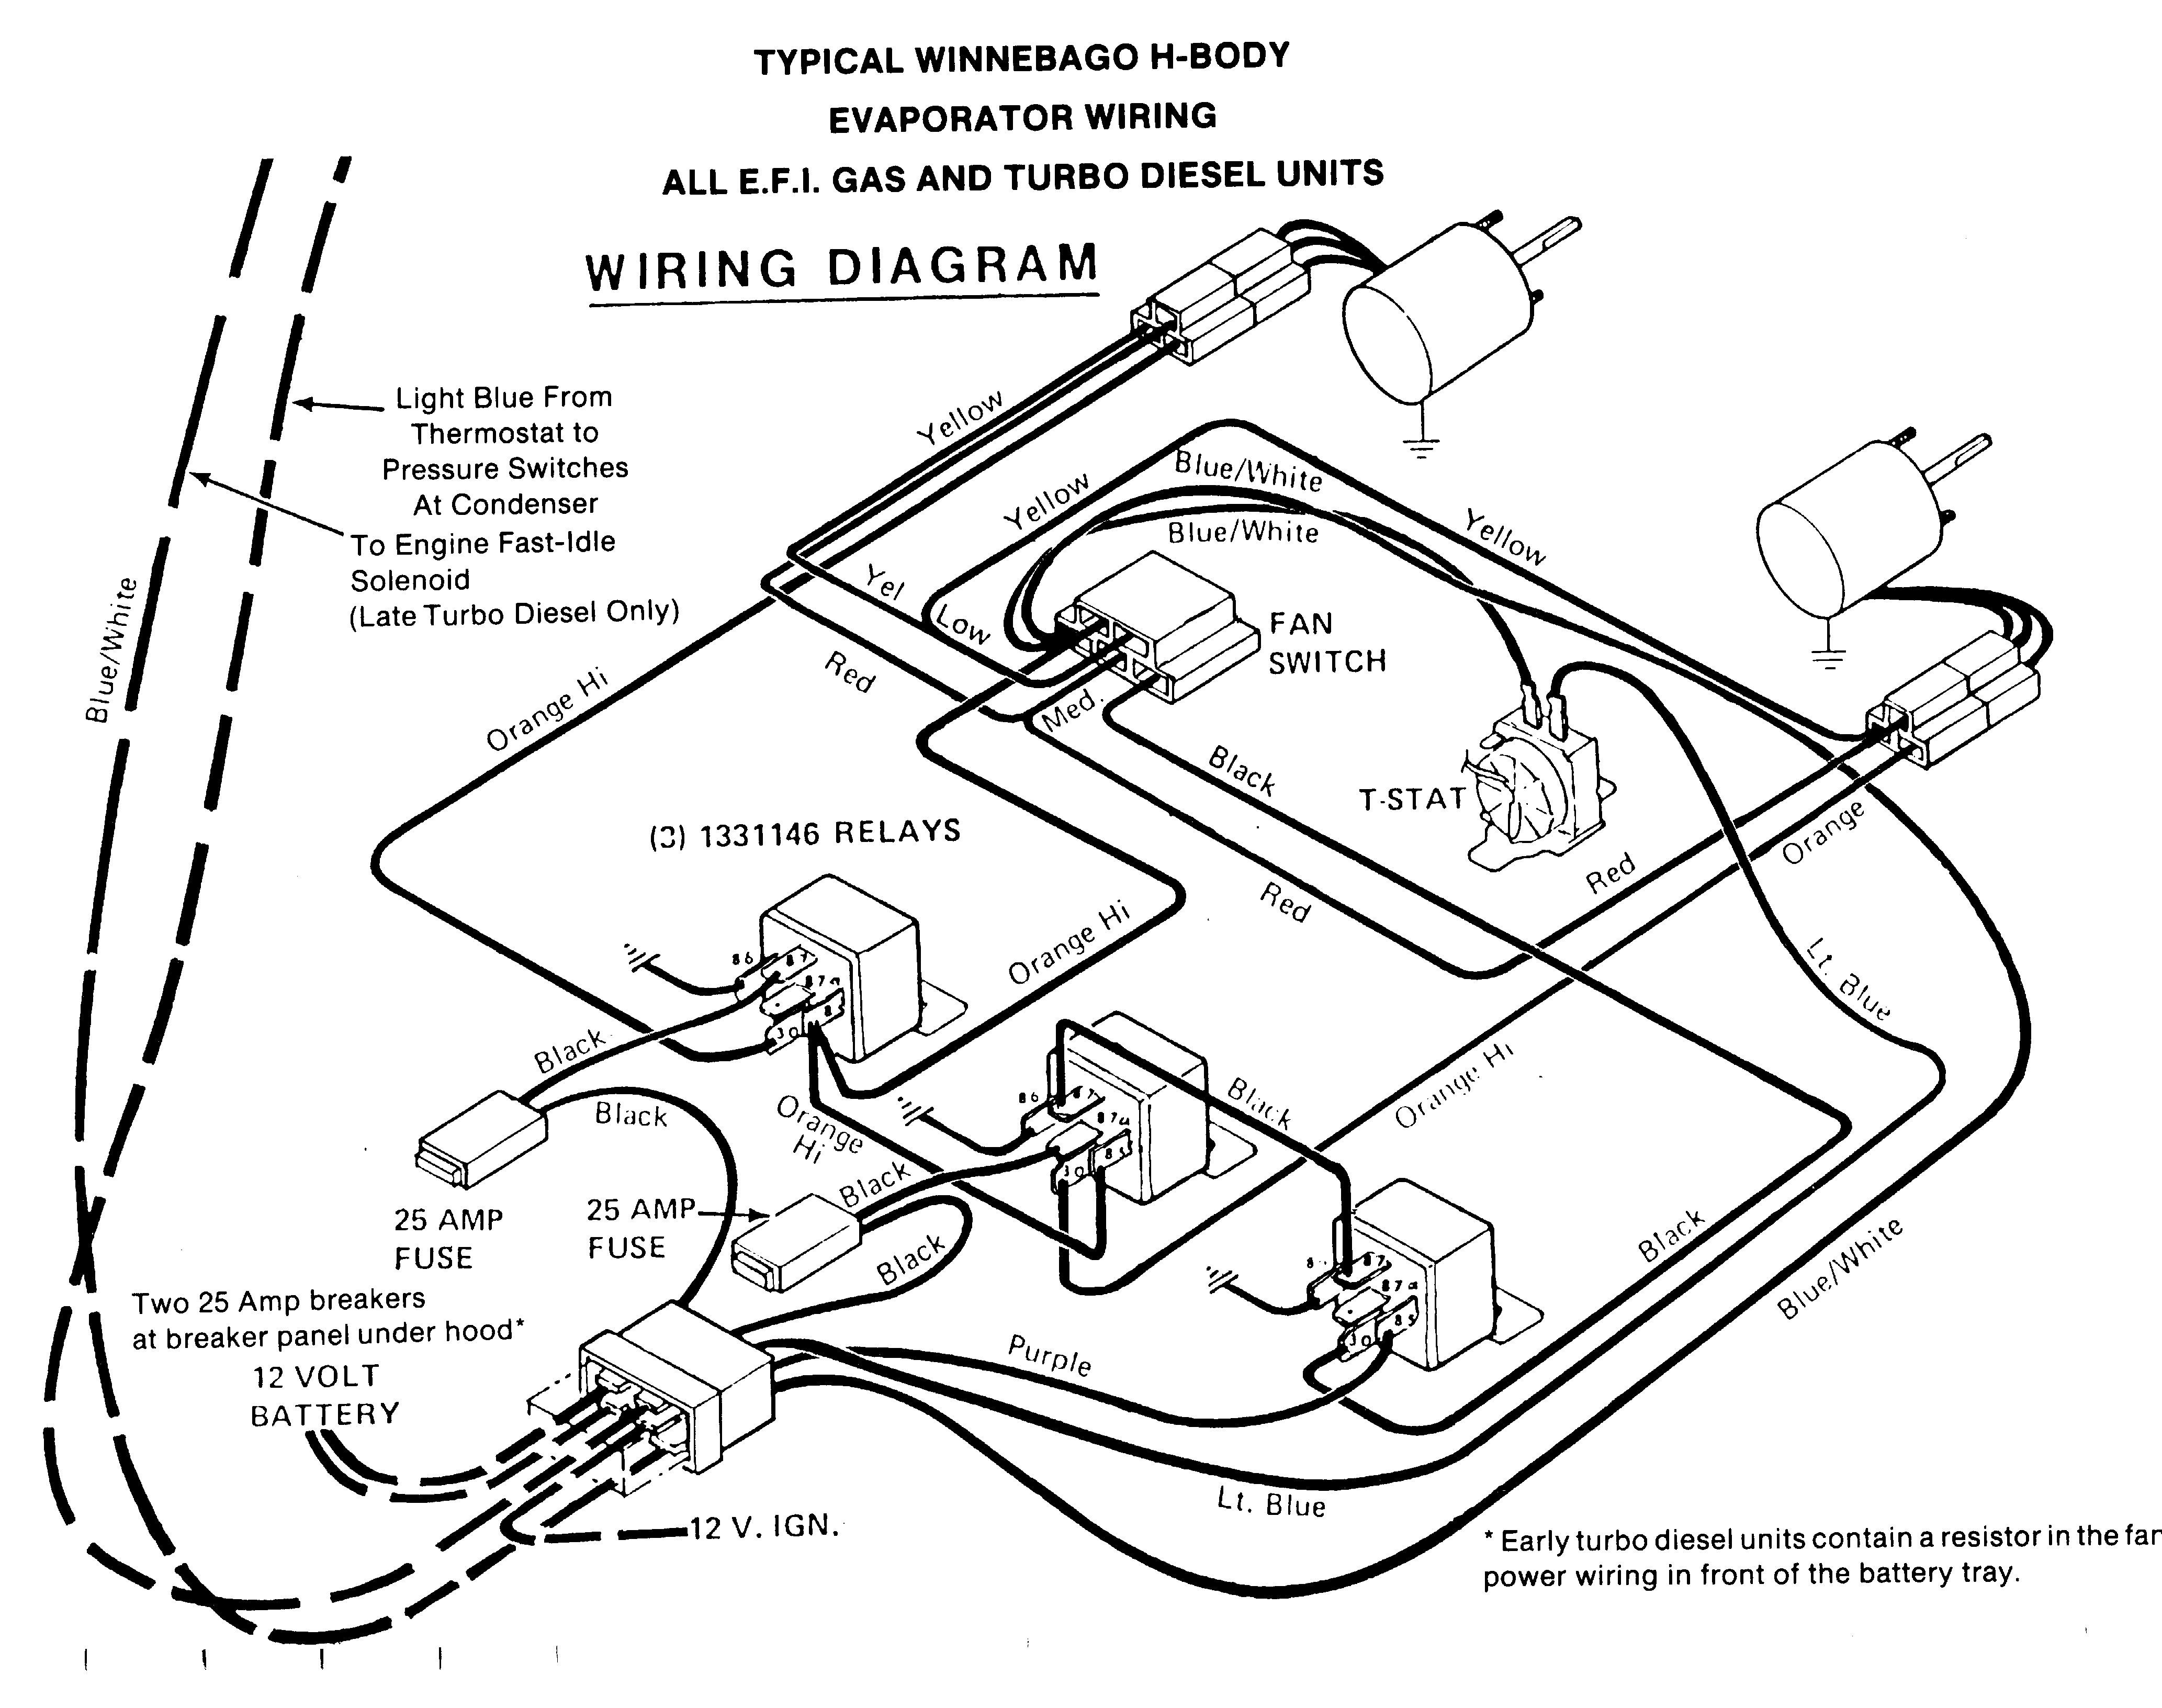 Winnebago Wiring Schematics 1984, Winnebago, Get Free